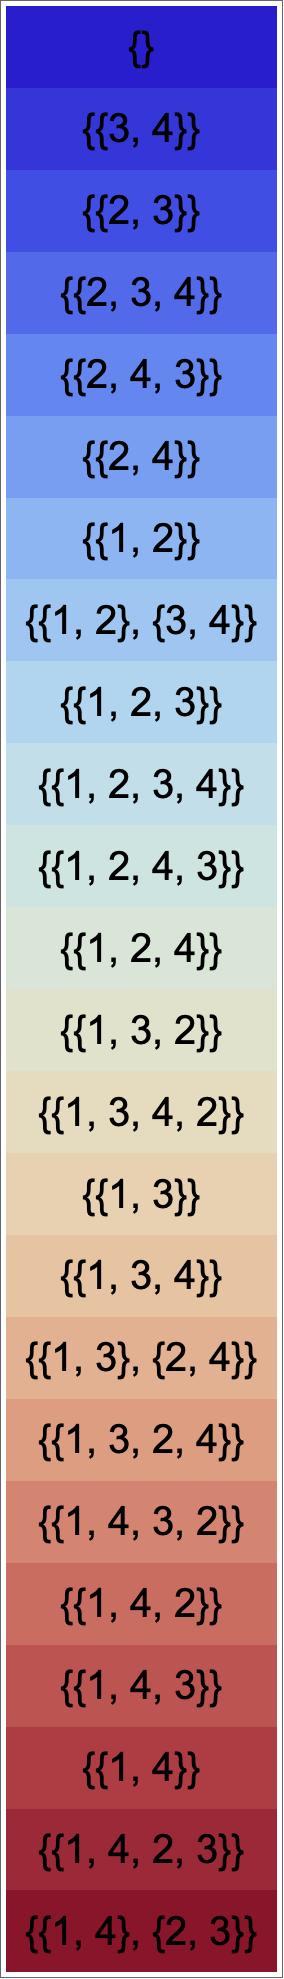 arbitrarycolors